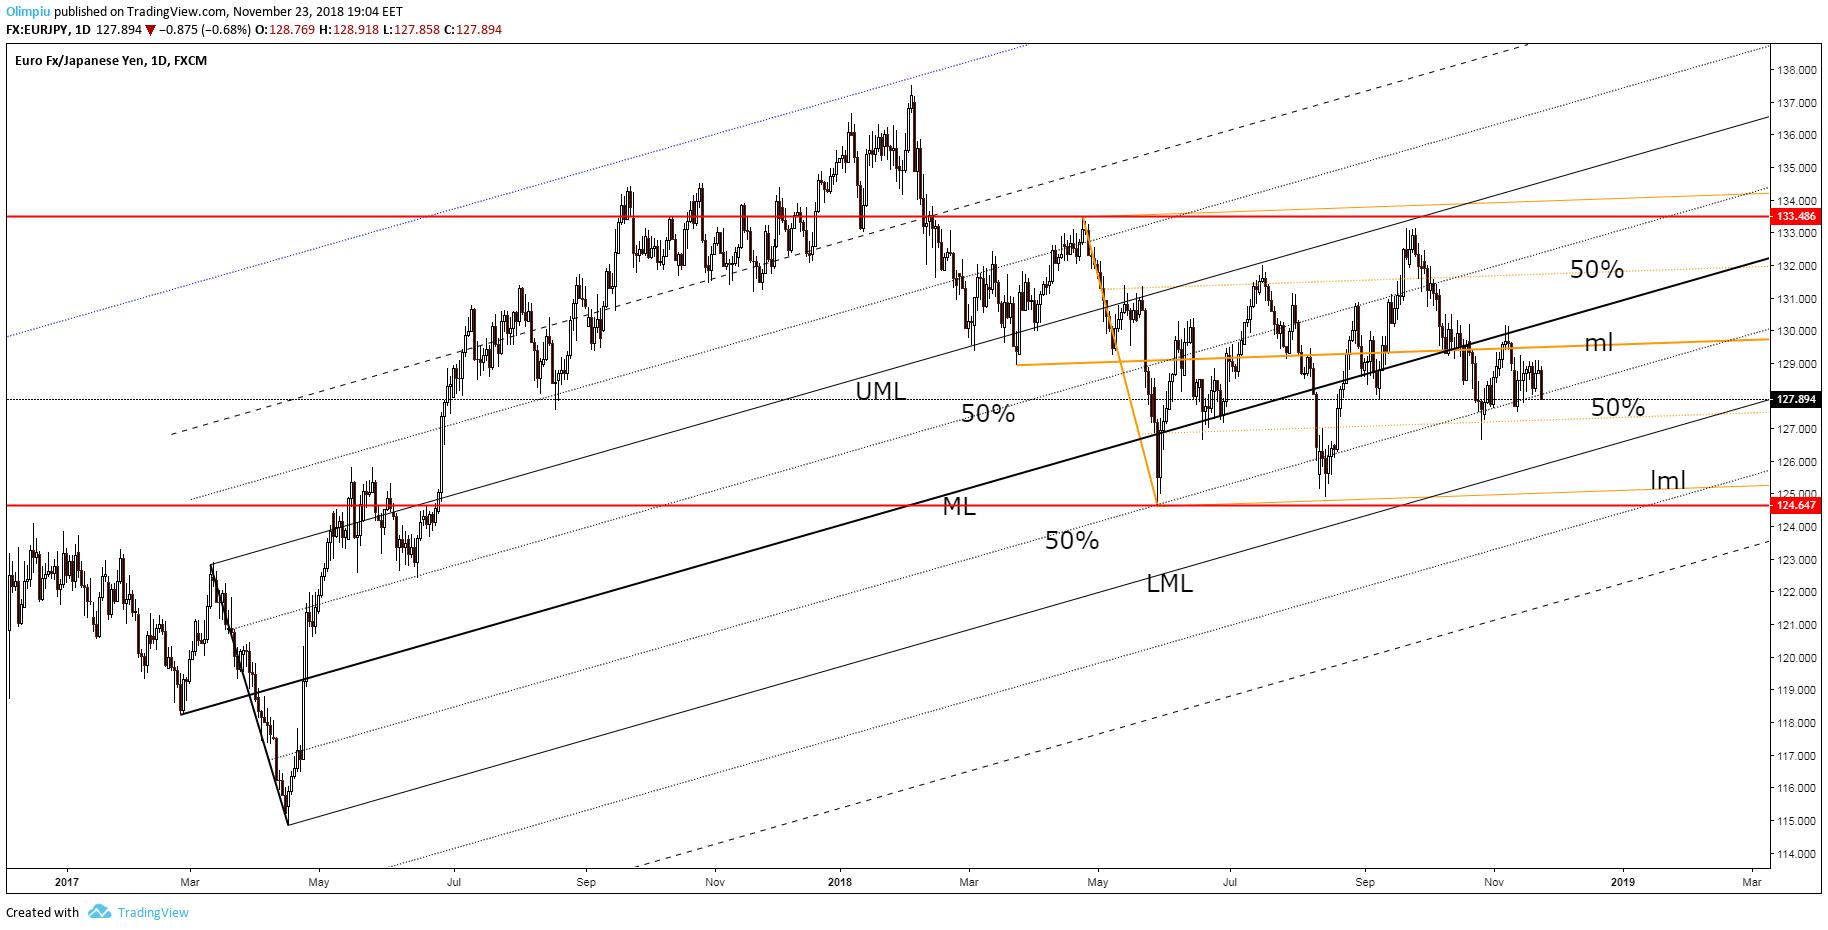 Lml forex